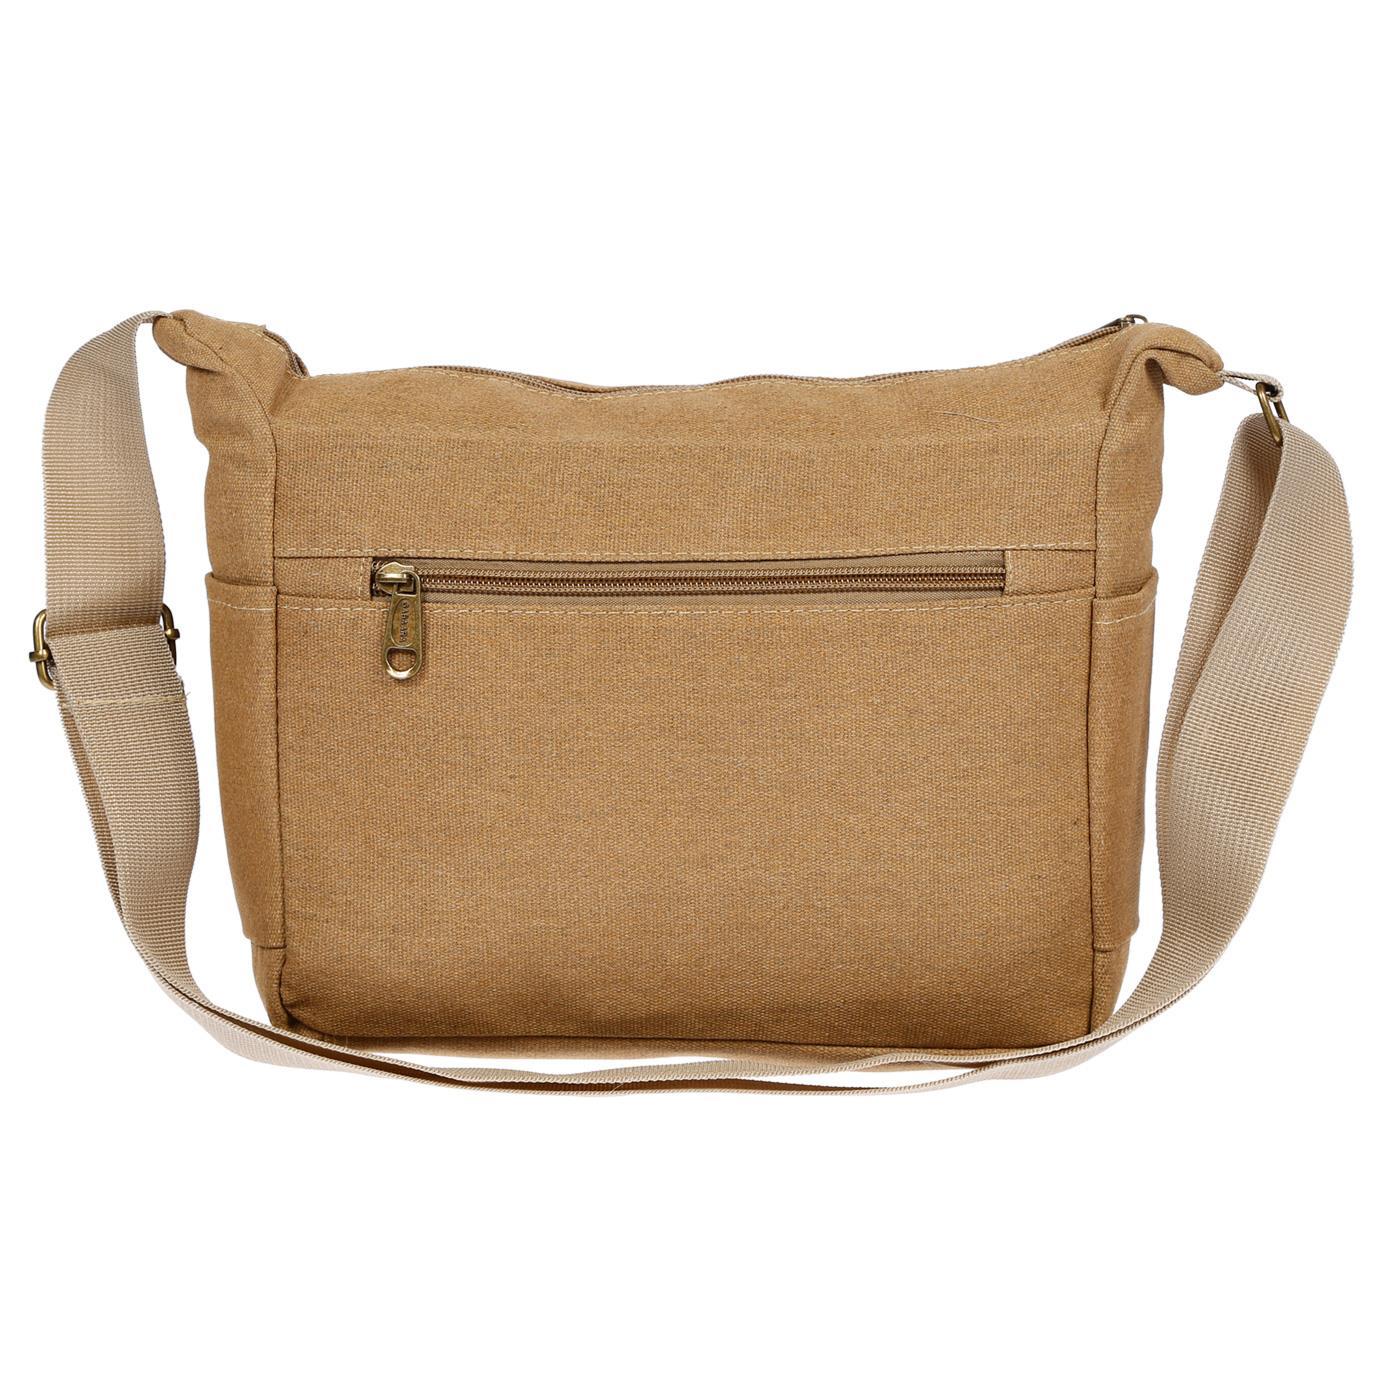 Damen-Tasche-Canvas-Umhaengetasche-Schultertasche-Crossover-Bag-Damenhandtasche Indexbild 46